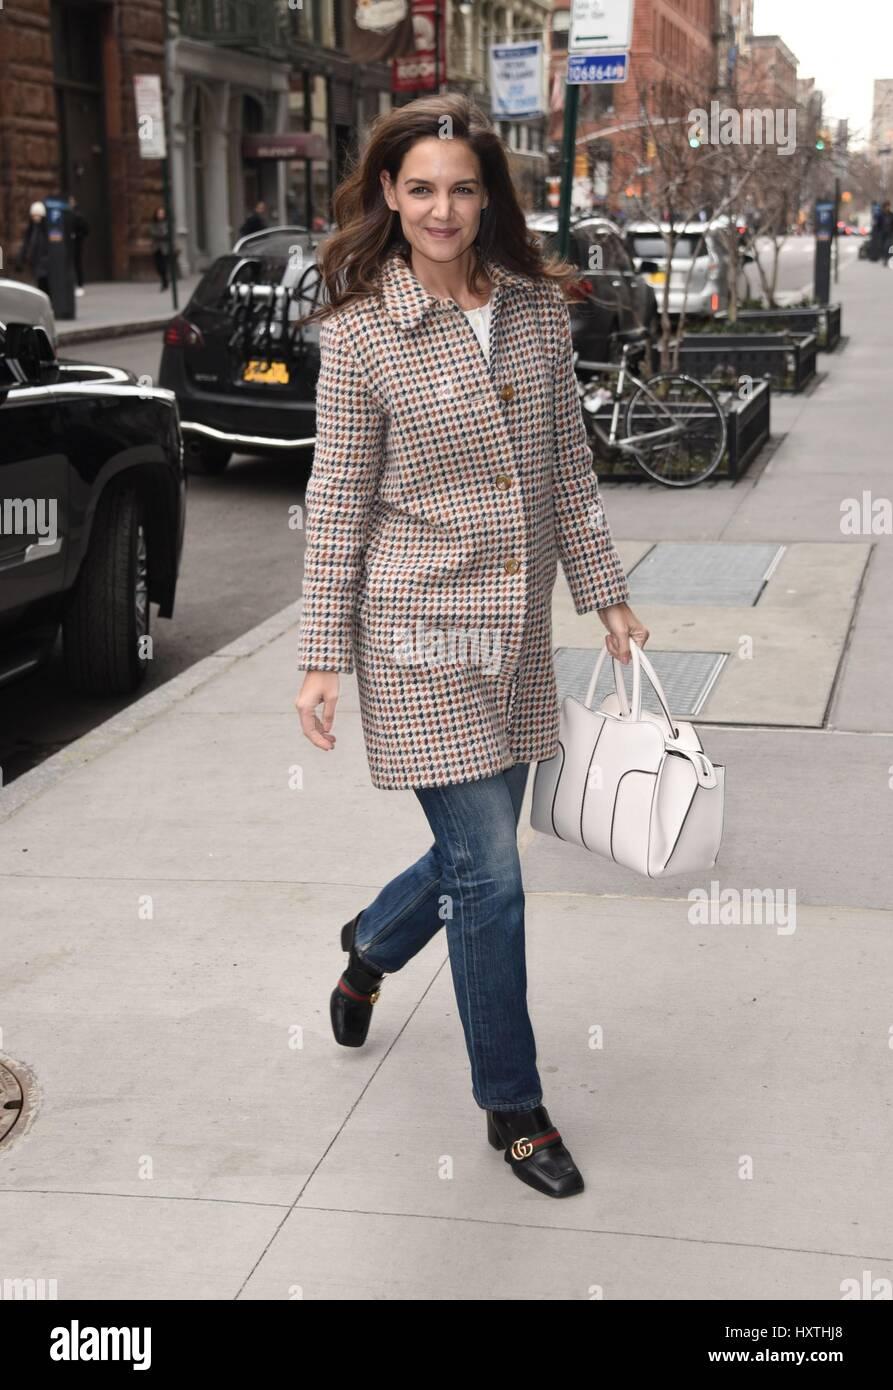 Nueva York, NY, EUA. 30 Mar, 2017. Katie Holmes y acerca del Celebrity Candids - Thu, Nueva York, NY el 30 de marzo Imagen De Stock